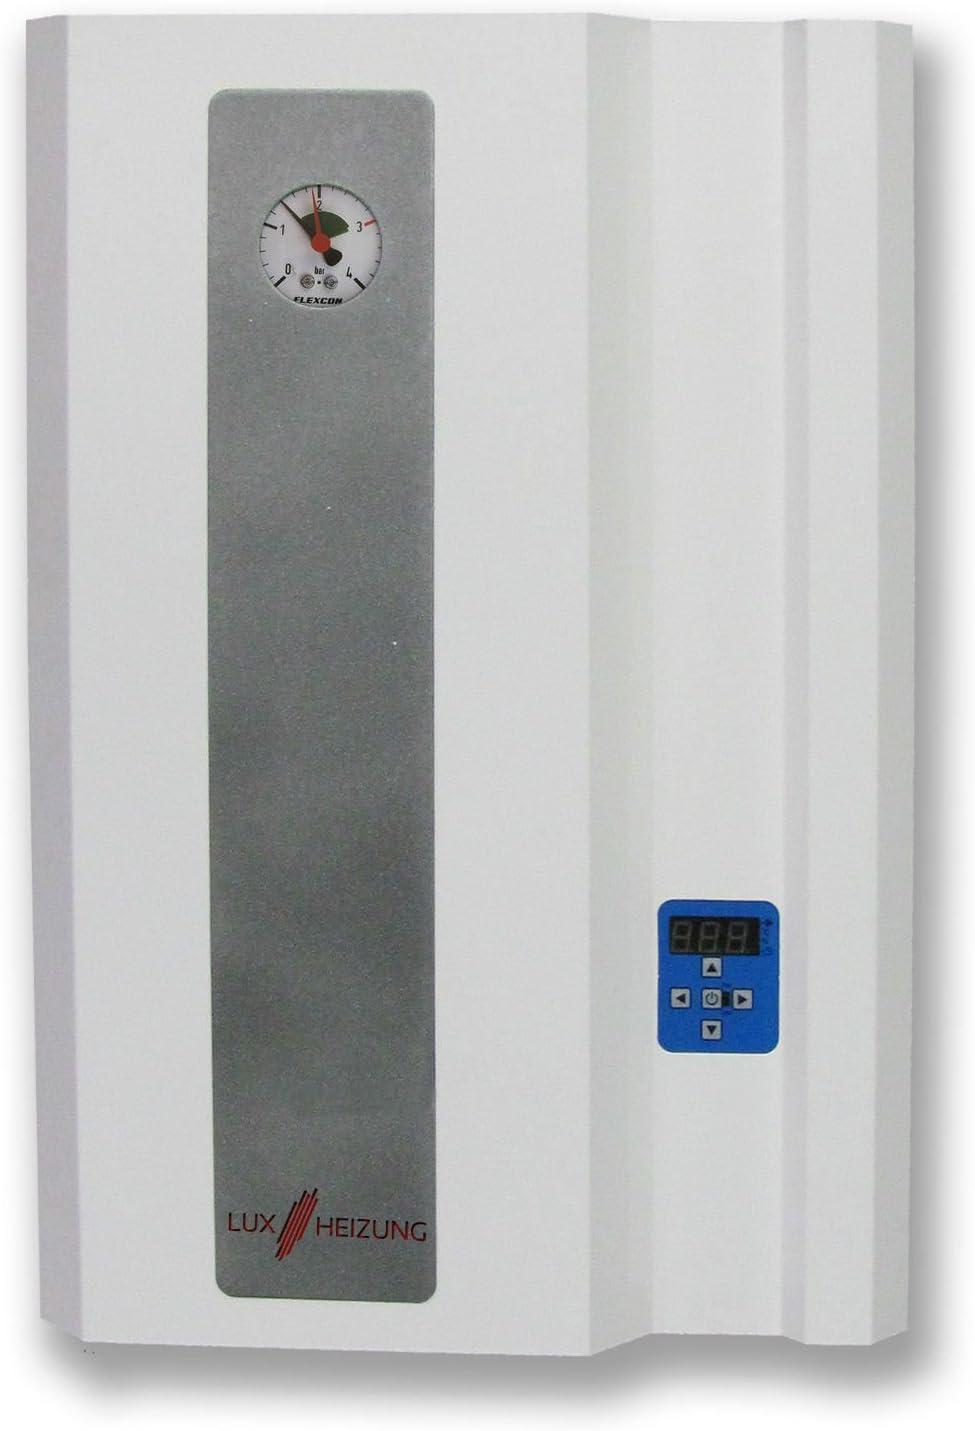 Calentador de calderas Heiztherme 9kW mercurio eléctricos de calefacción sistema eléctrico-calefacción central - hervidor de agua eléctrico LUXHEIZUNG